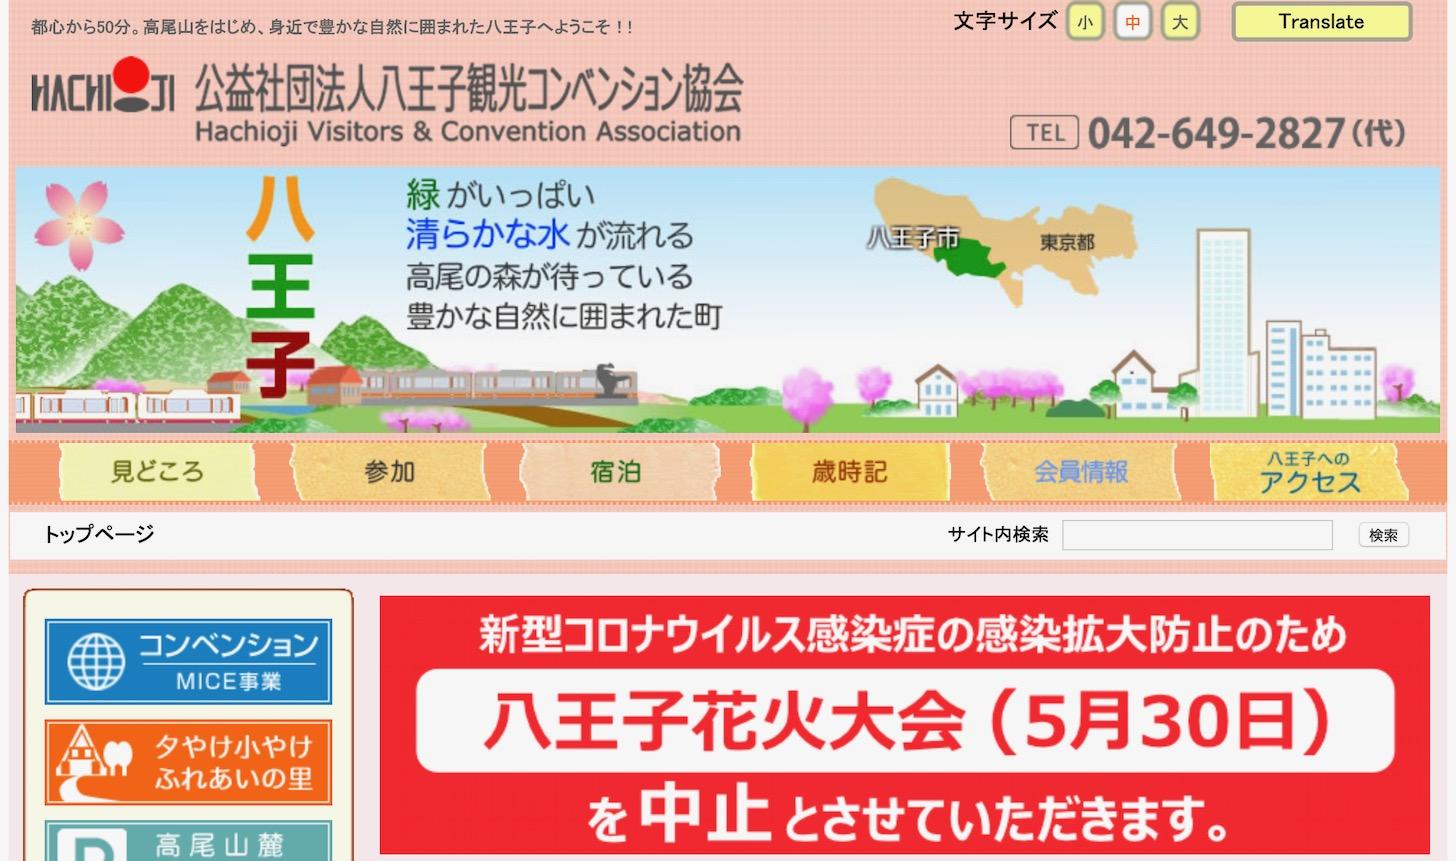 八王子観光コンベンション協会公式サイトより